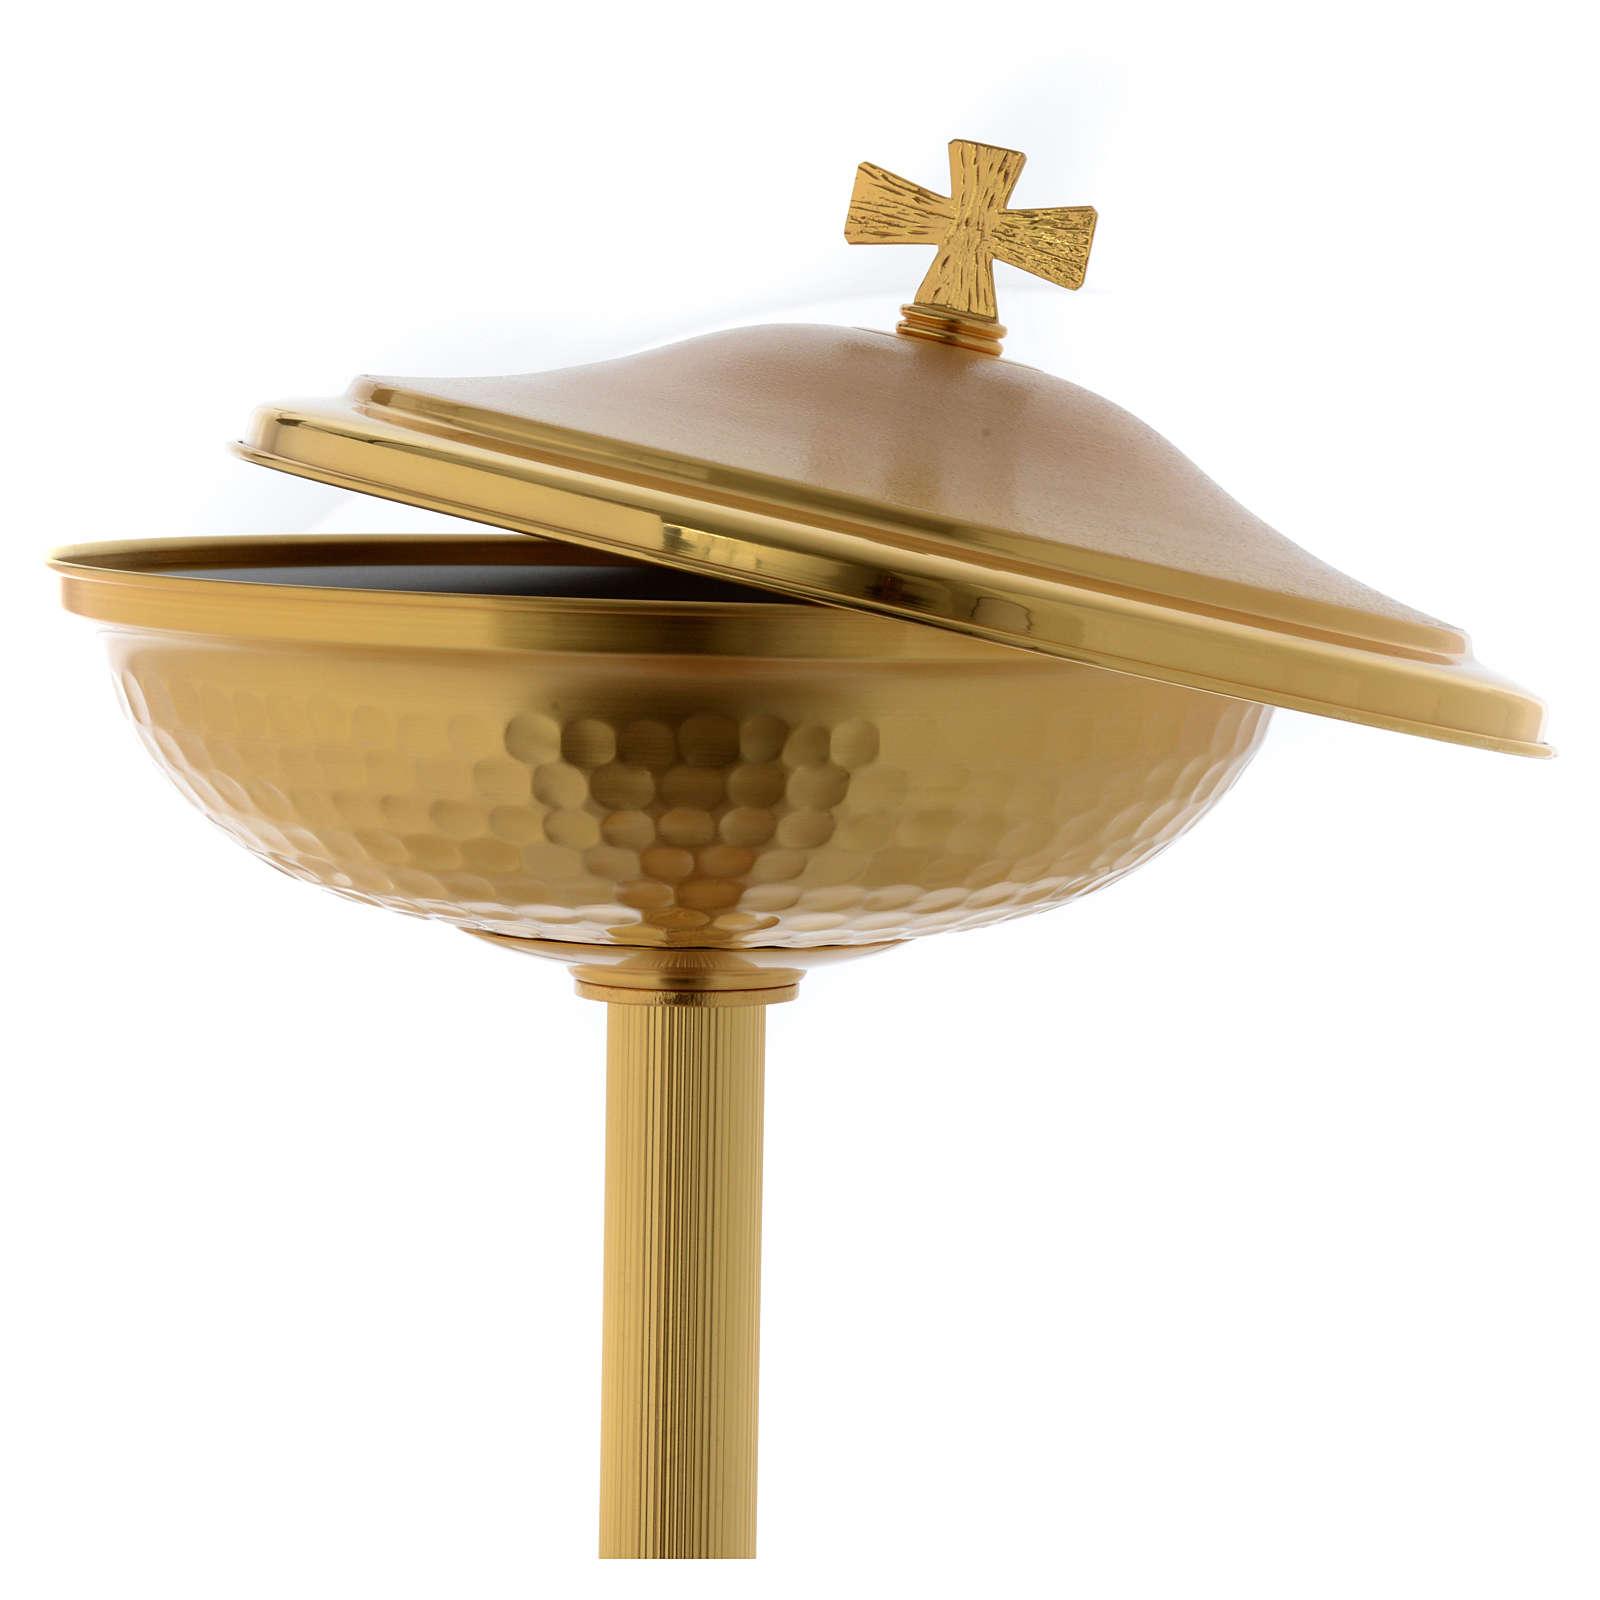 Taubecken Putten, aus goldener Bronze 4